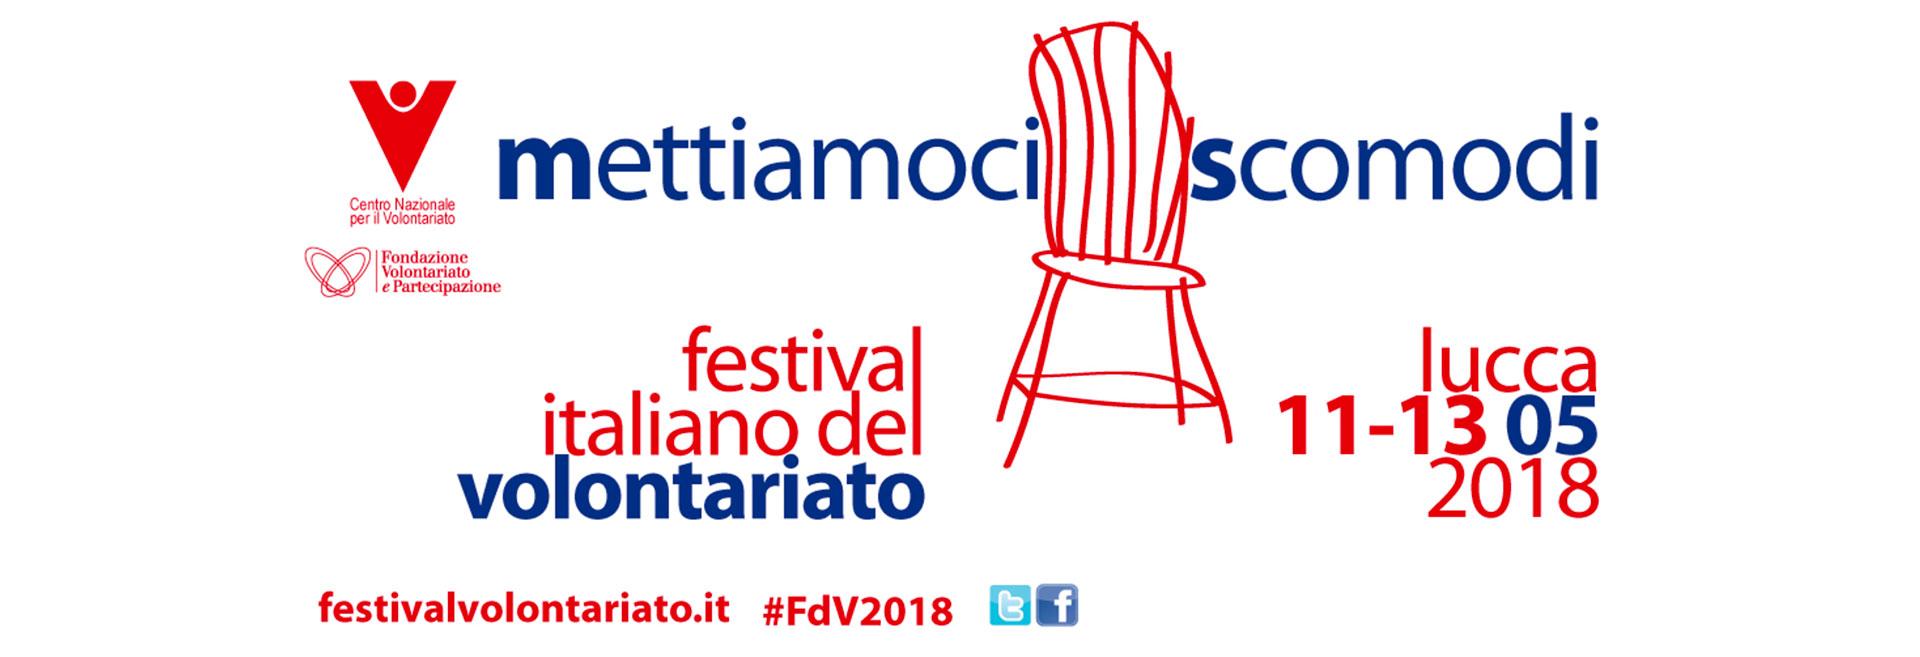 """Conferenza stampa: Un festival per riscoprire il ruolo scomodo del volontariato - 3 maggio 2018 - Ore 11.00 – 12.00 - Sala """"Caduti di Nassirya"""" - Piazza Madama - Roma"""